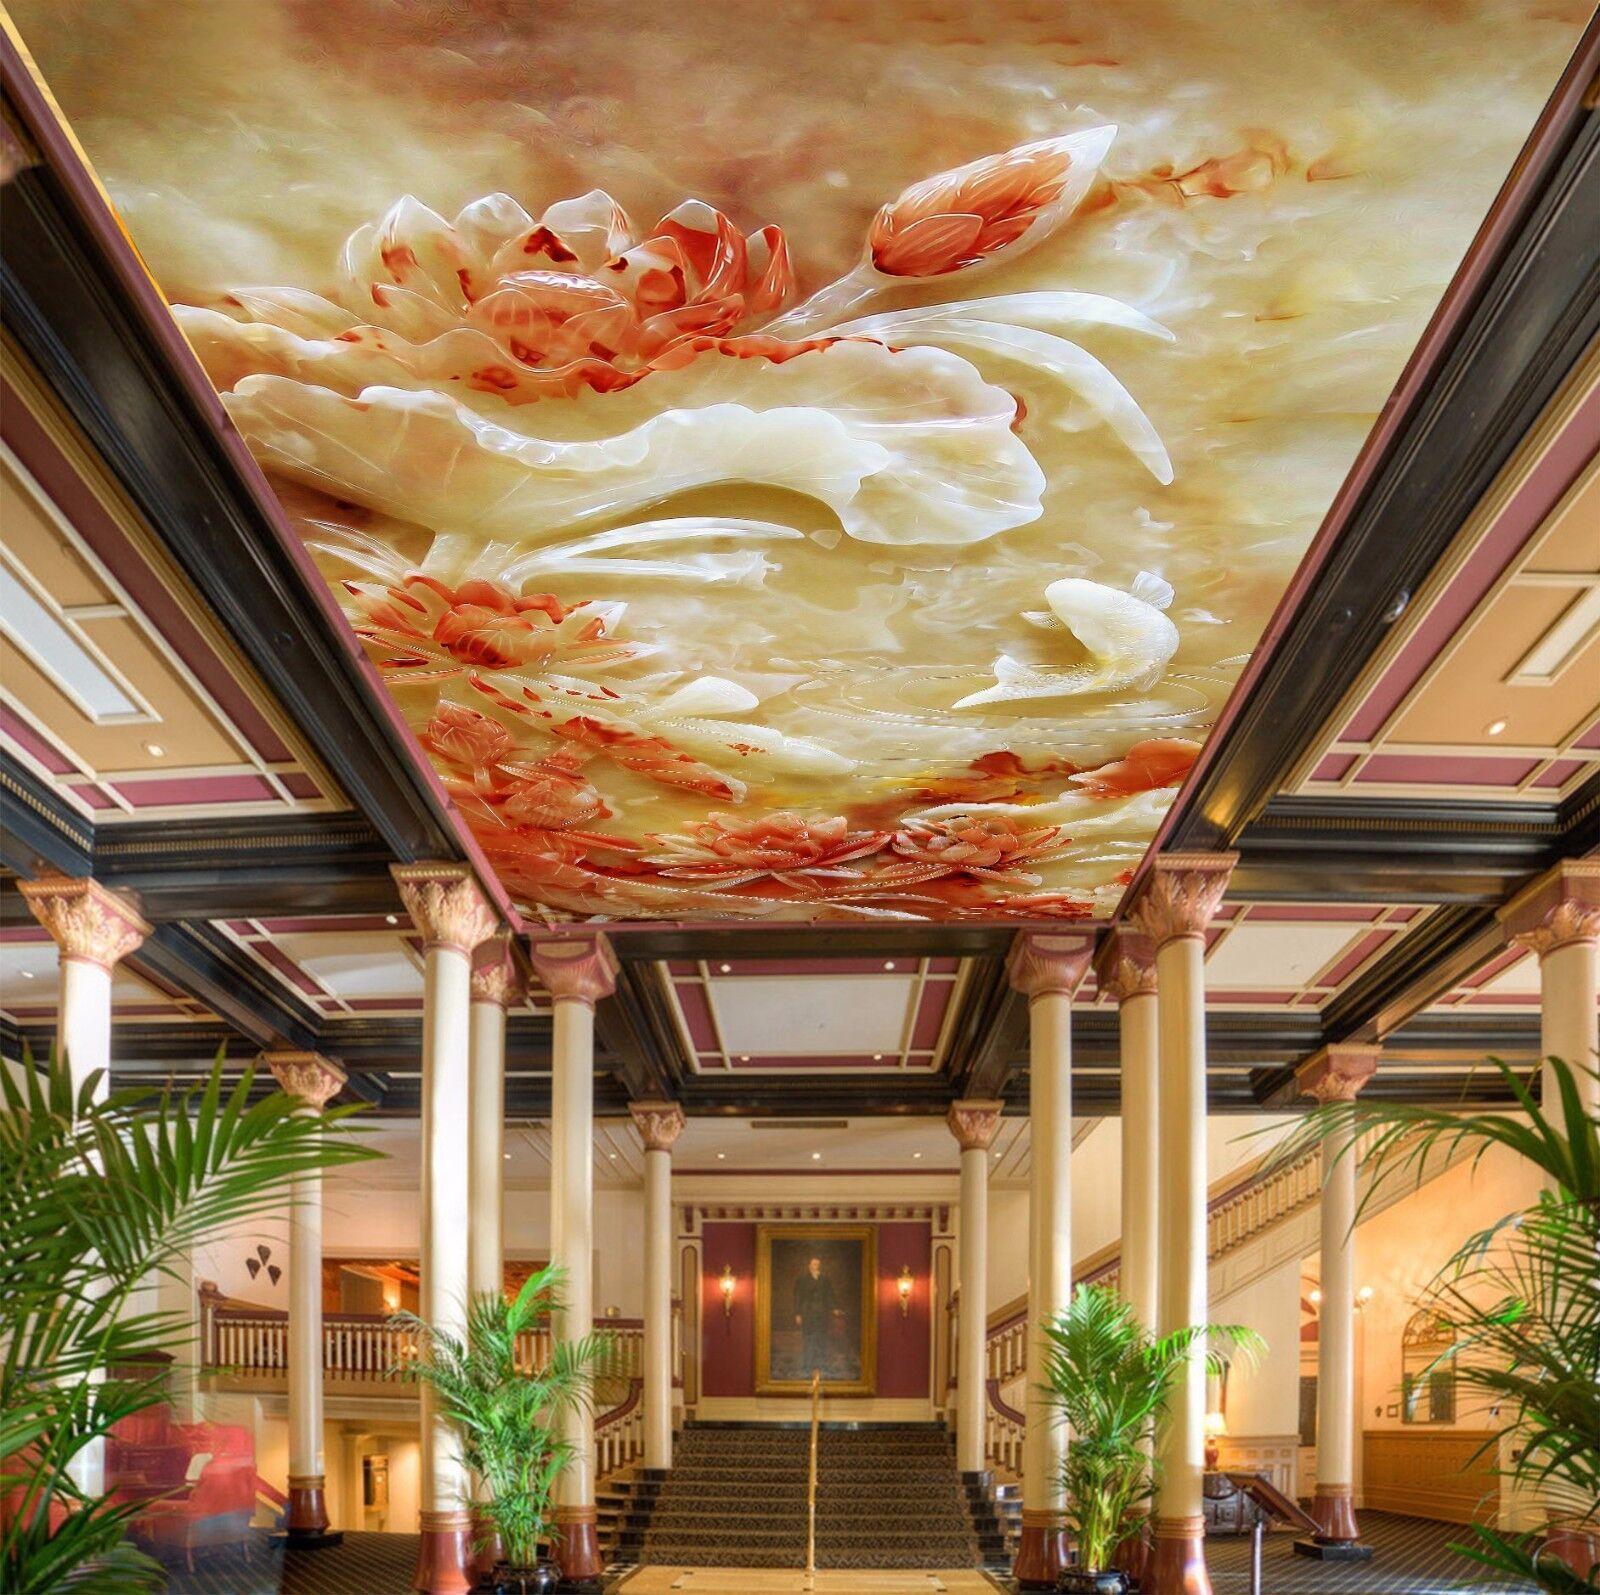 3D Lotu Carp Ceiling WallPaper Murals Wall Print Decal AJ WALLPAPER US